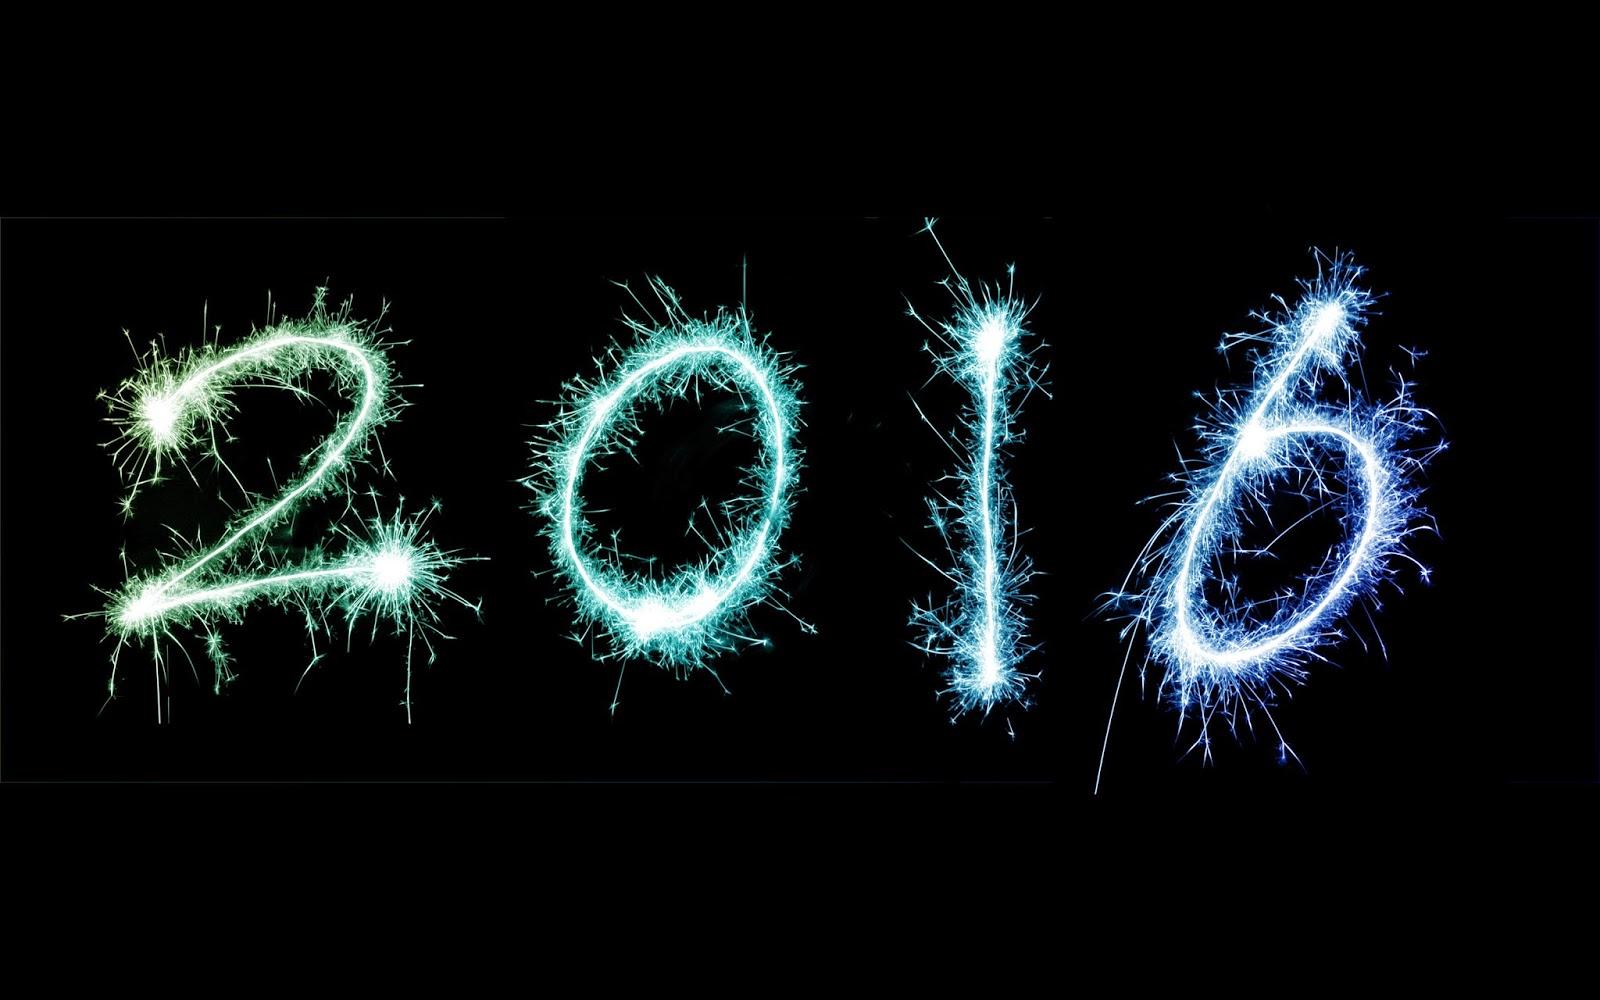 Hình nền năm mới 2016, Hình nền tết 2016- Hình 21